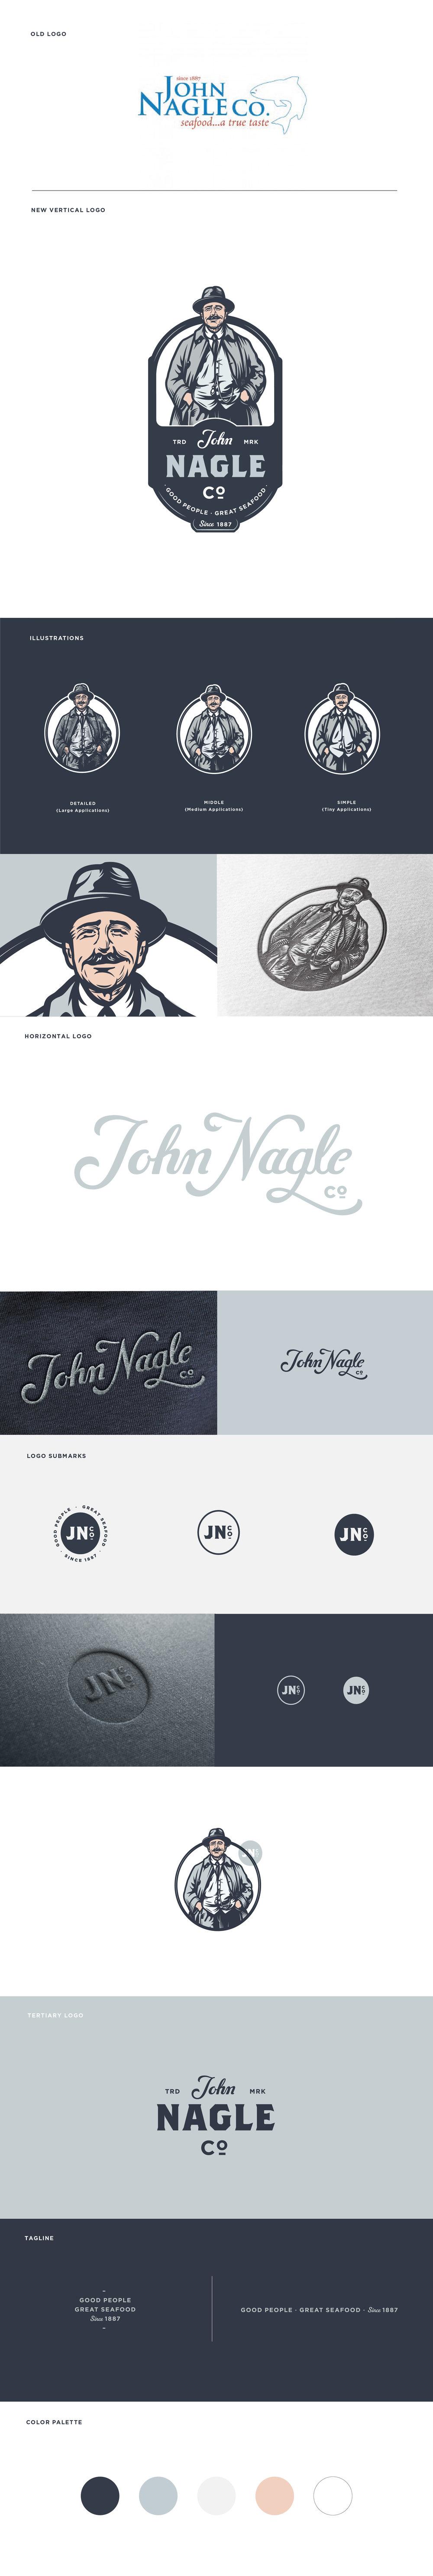 JohnNagleCo_BrandIdentity.jpg